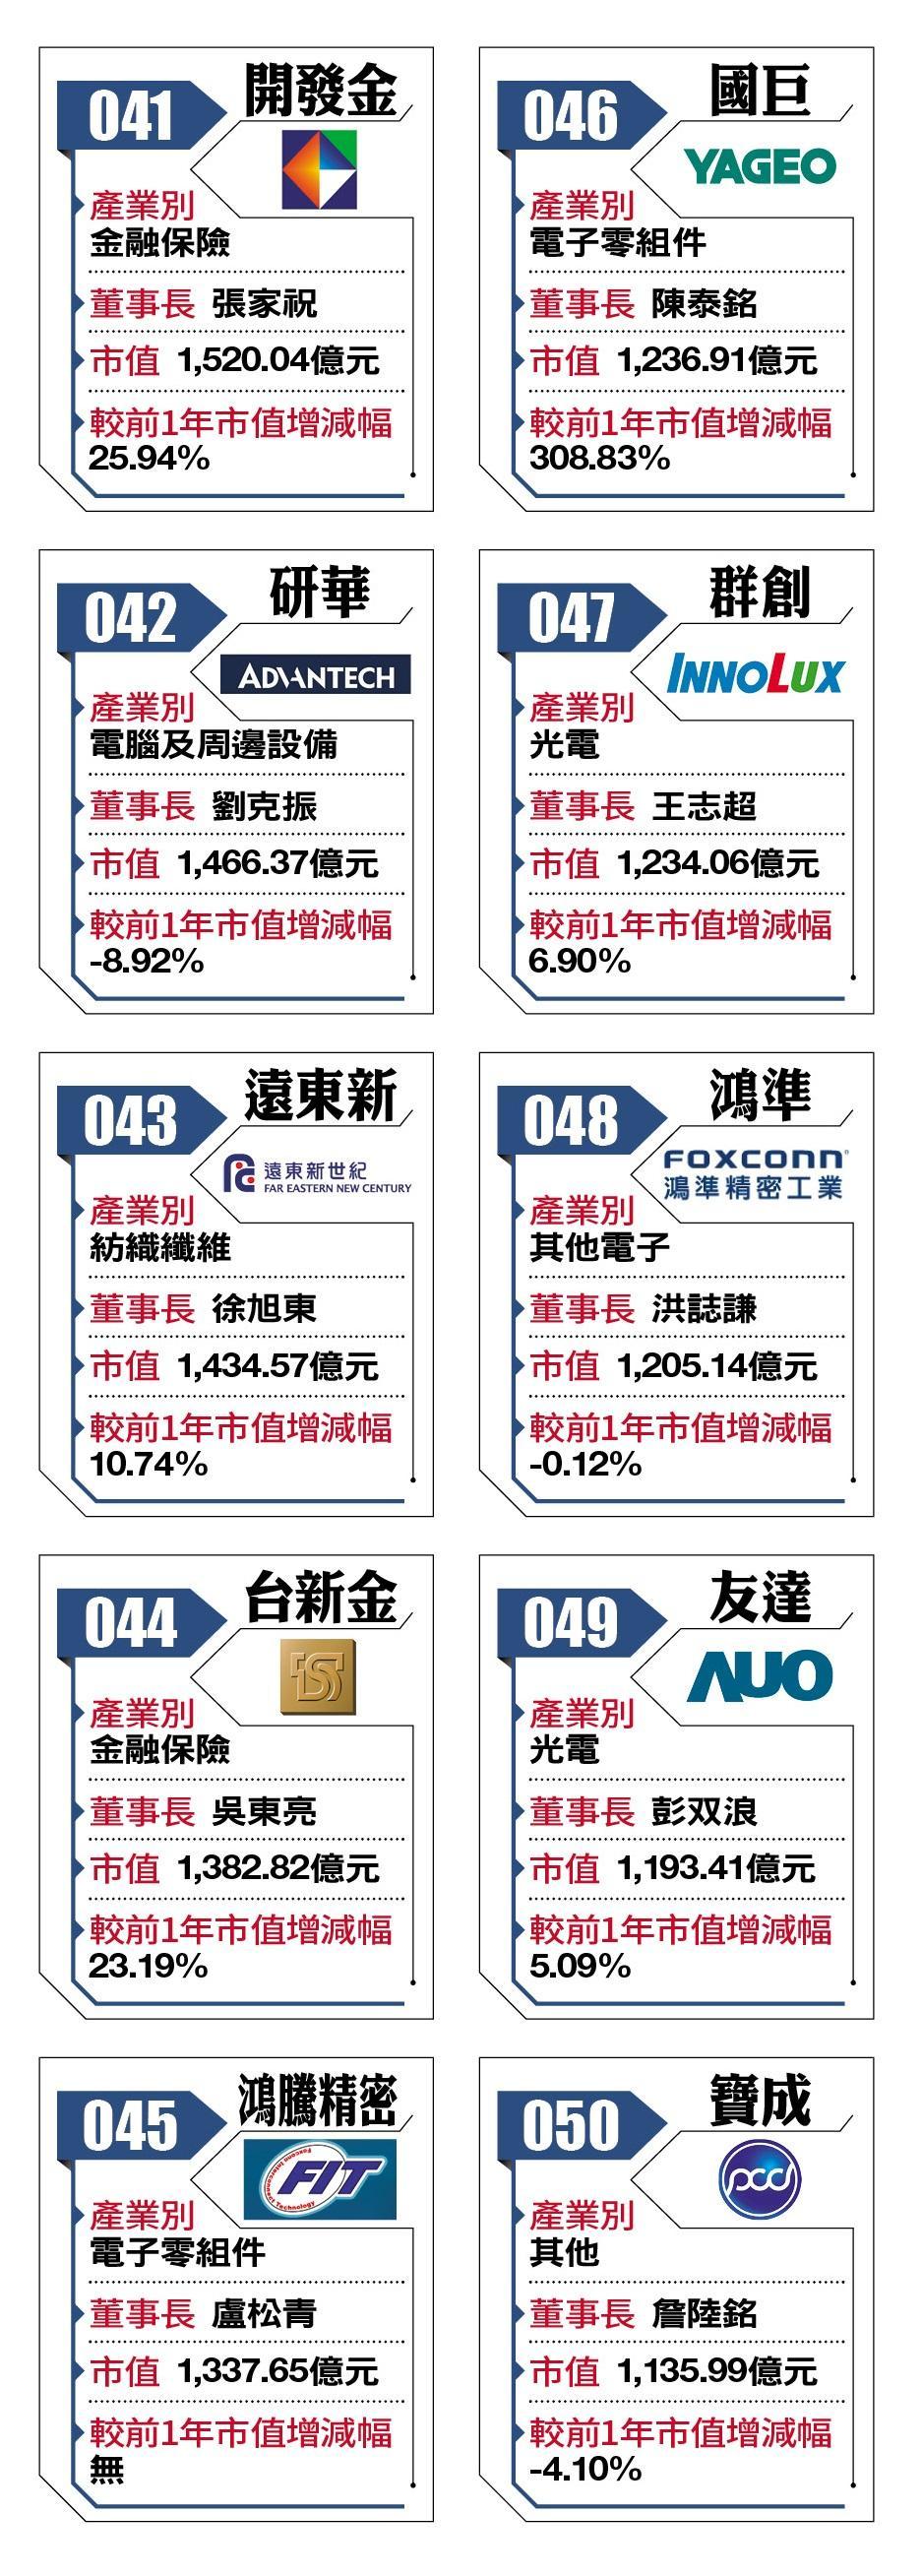 2018台灣百強企業41-50